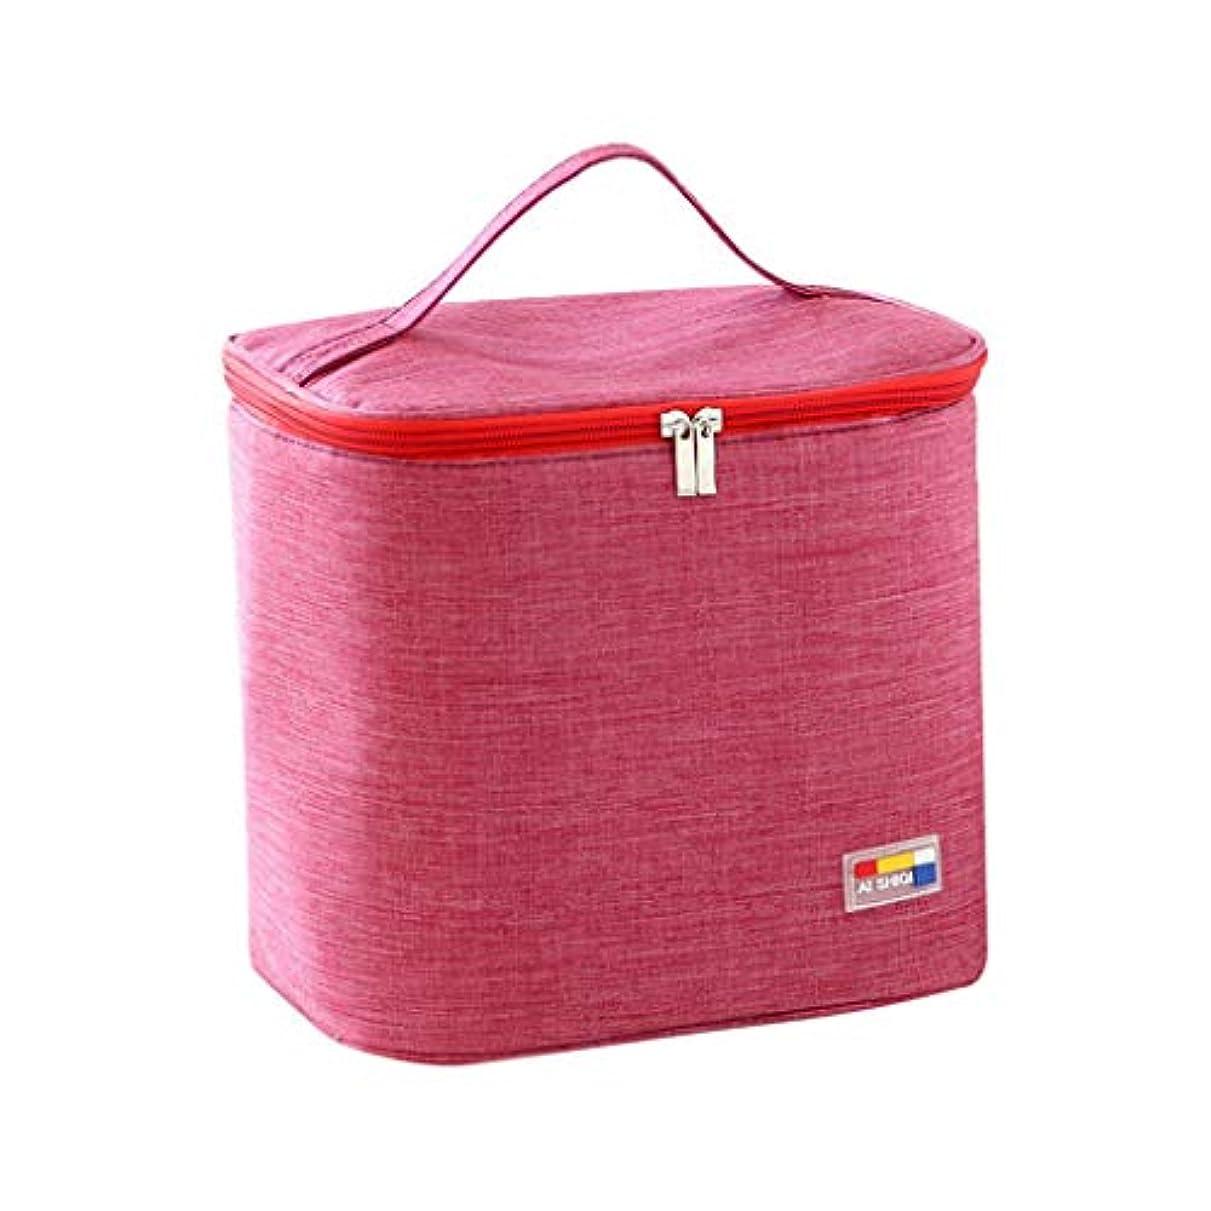 厚くするも動かない専用ランチバッグトートバッグ断熱性を向上キャンプに適していますシンプルなバッグイージーファッション絶縁バッグ冷蔵バッグポケットを描く冷却ハンドバッグ防水ハンドバッグ (A)